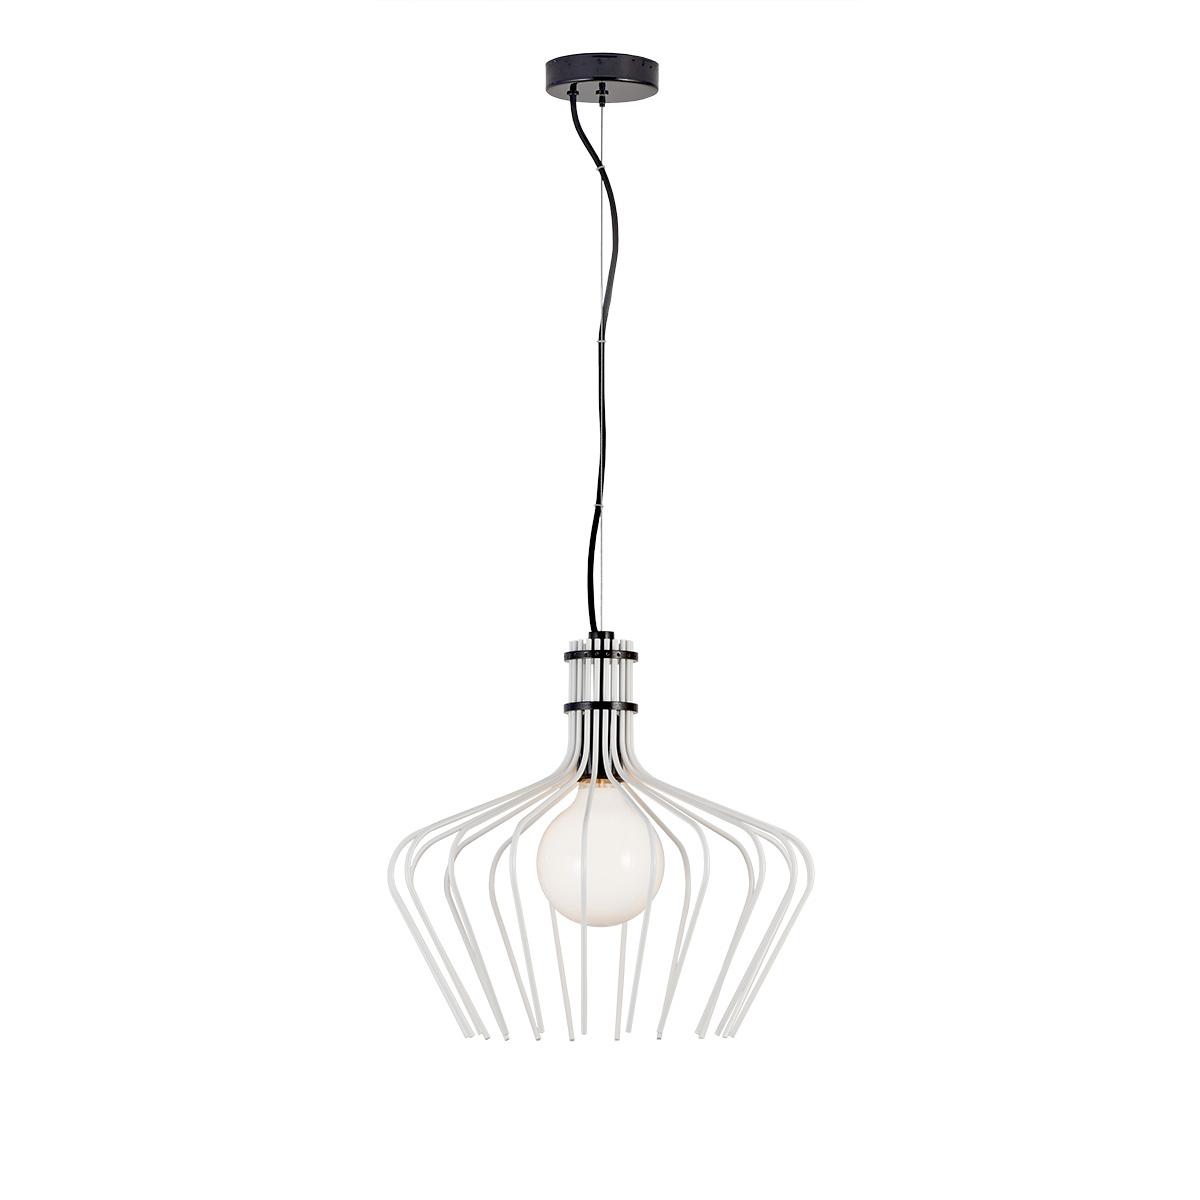 Μοντέρνο φωτιστικό CELLI II modern suspension lamp